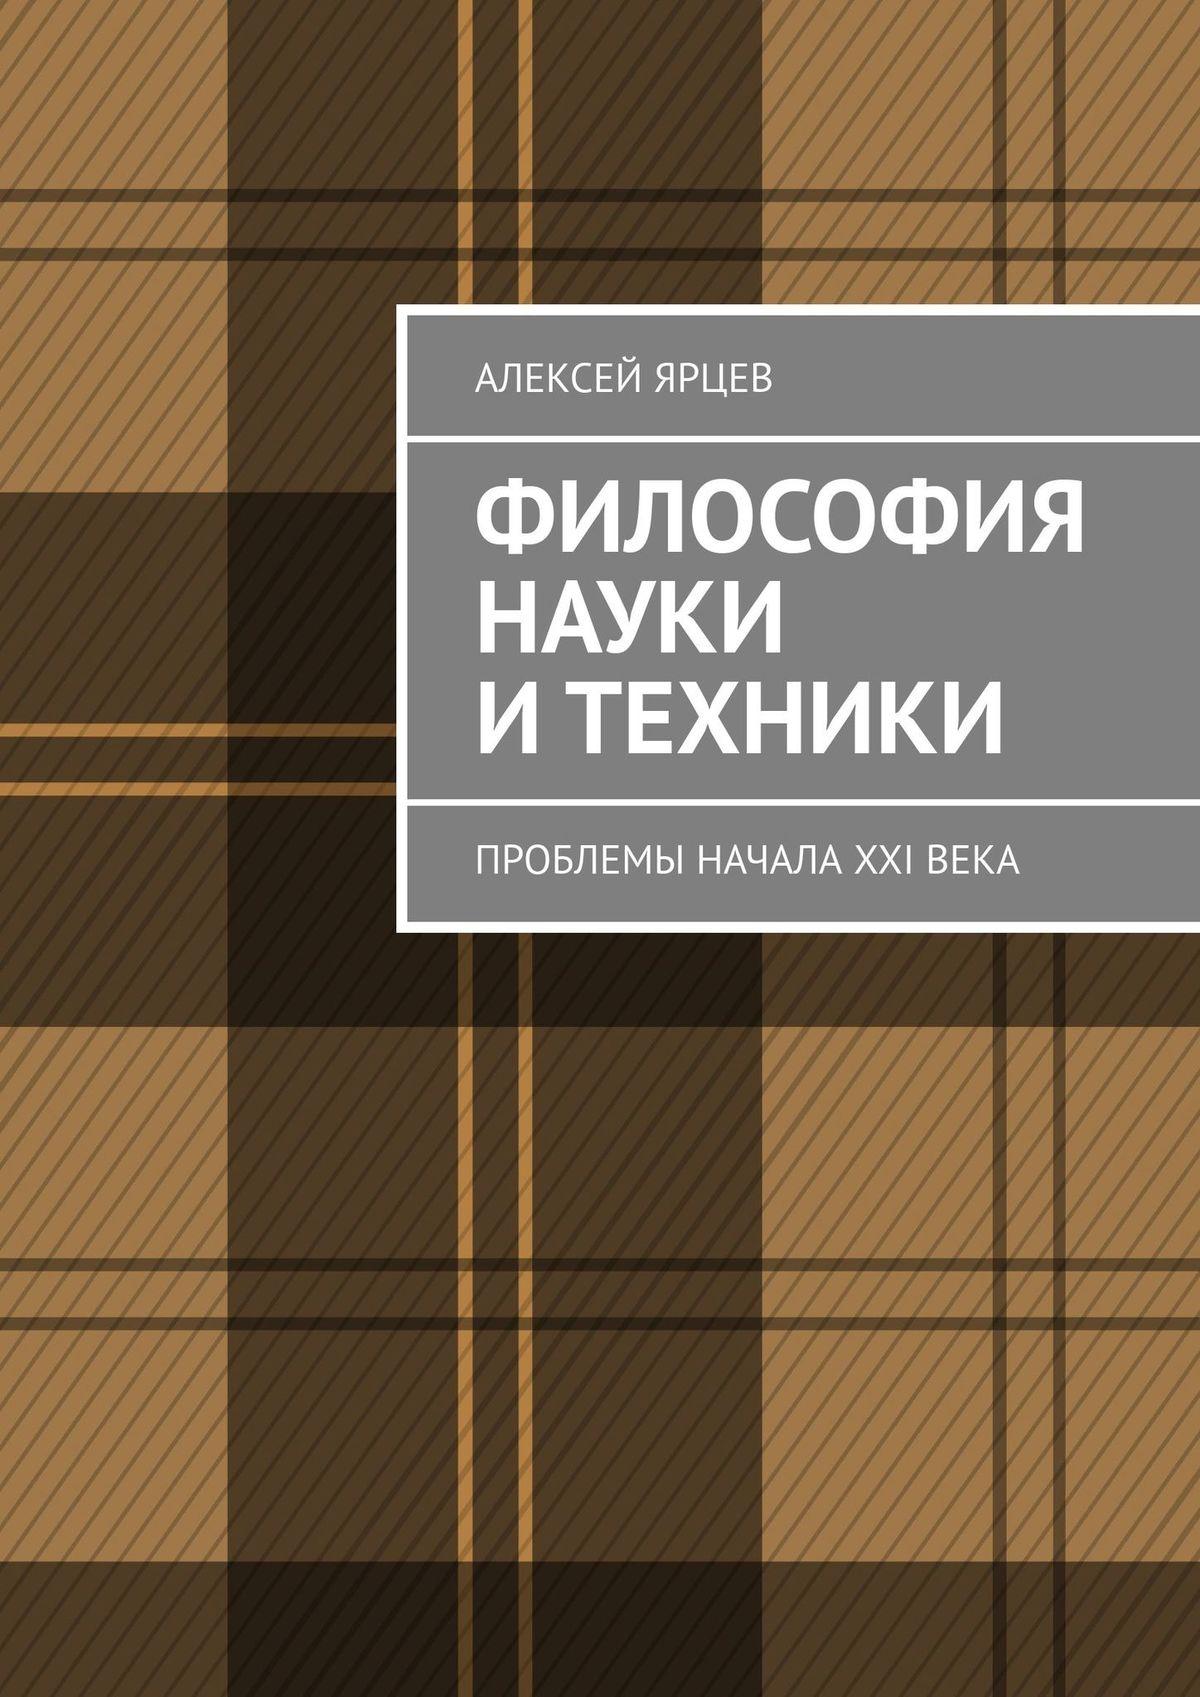 Алексей Ярцев Философия науки и техники. Проблемы начала XXIвека философия науки